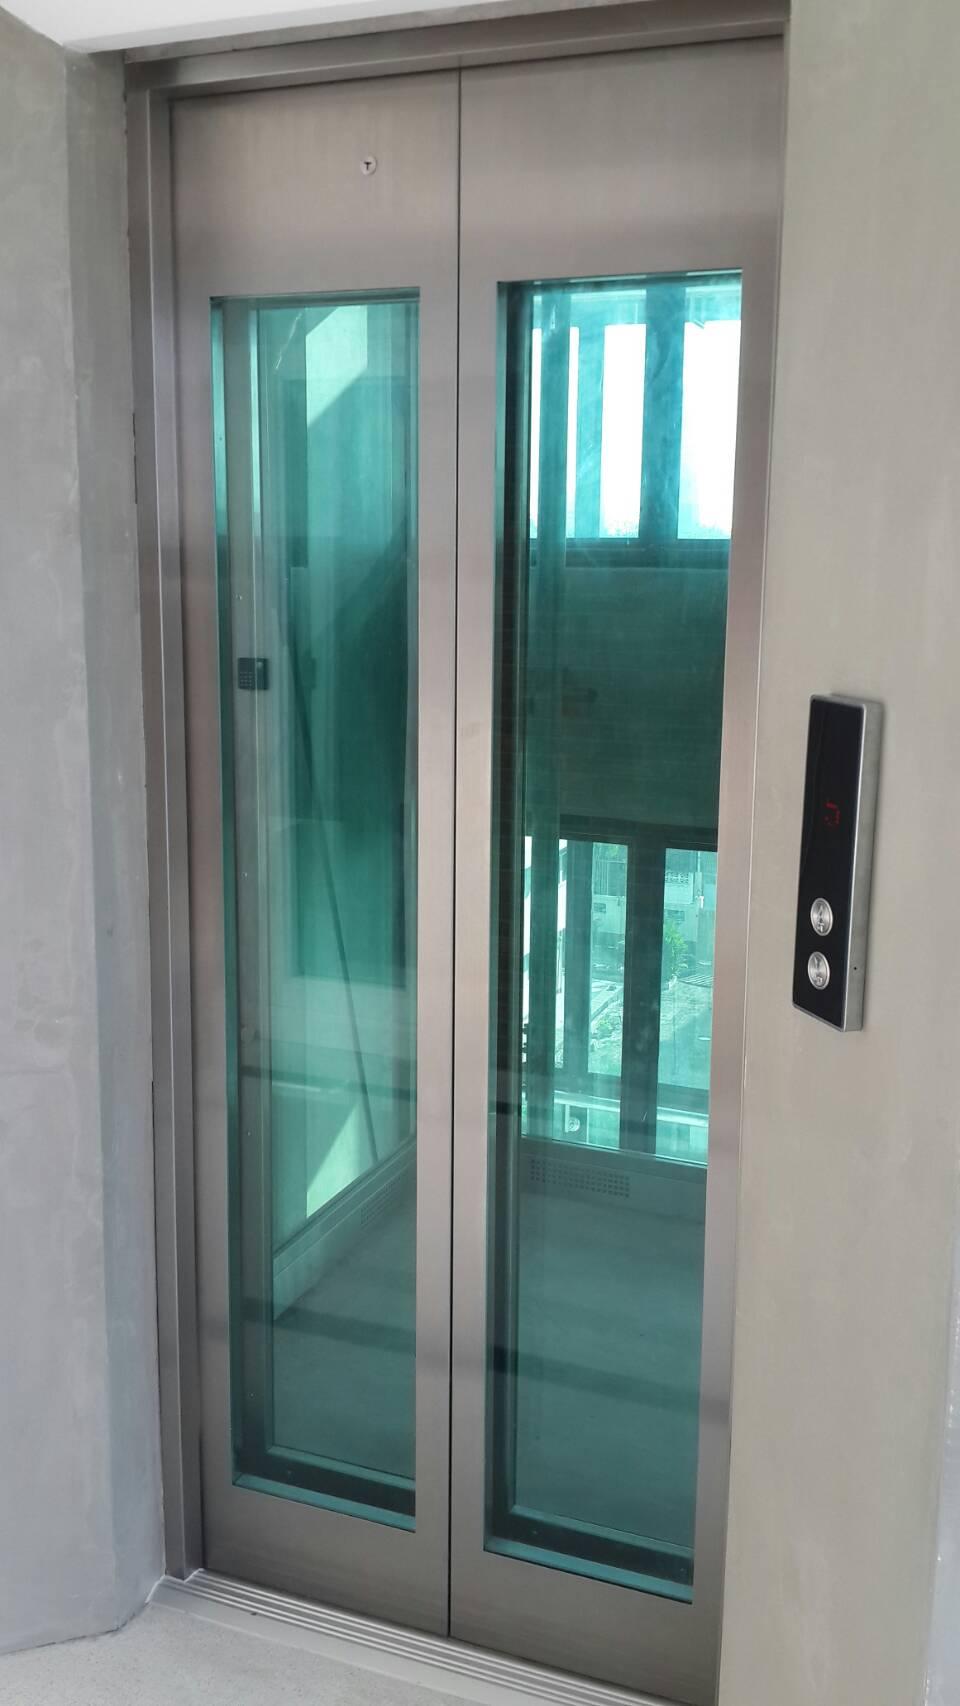 ลิฟท์กระจก